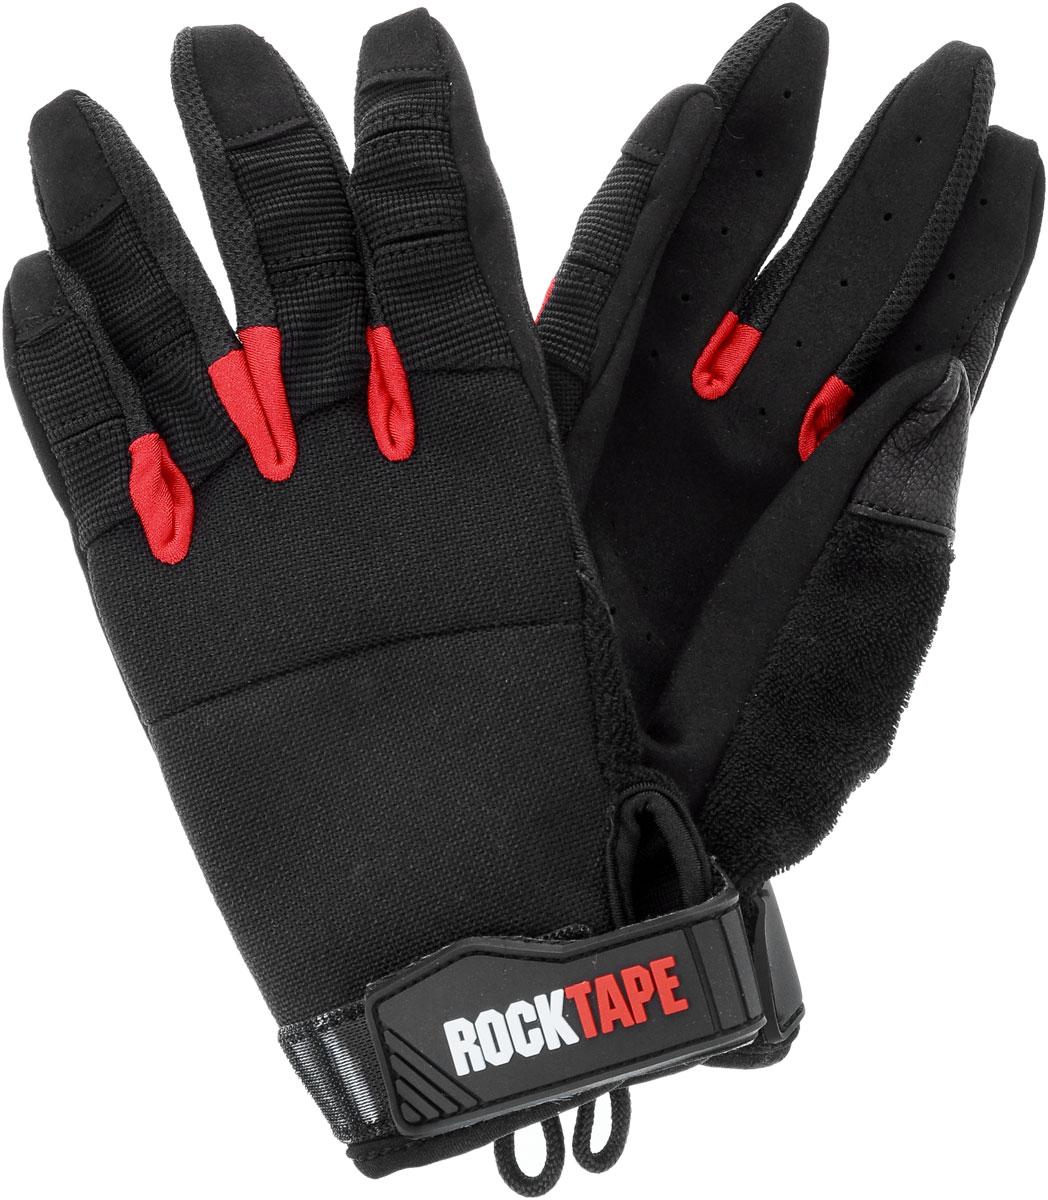 Перчатки Rocktape Talons, цвет: черный, красный. Размер XSRTTls-XSRocktape Talons - это функциональные перчатки для спорта. Руль велосипеда, турник, штанга - за что бы вы ни взялись, перчатки обеспечатмаксимальную защиту и поддержку! Уверенный хват и больше никаких стертых рук, волдырей и мозолей! Особенности перчаток: Дружелюбны к сенсорным экранам. Без швов на ладонях. Силиконовая накладка false-grip поможет в выходах силой. Защита большого пальца при захвате штанги. Впитывают пот. Дышащий материал по боковым поверхностям пальцев. Удобные петли. Рассчитаны на работу с мелом. Обхват ладони ниже костяшки: 15 см.